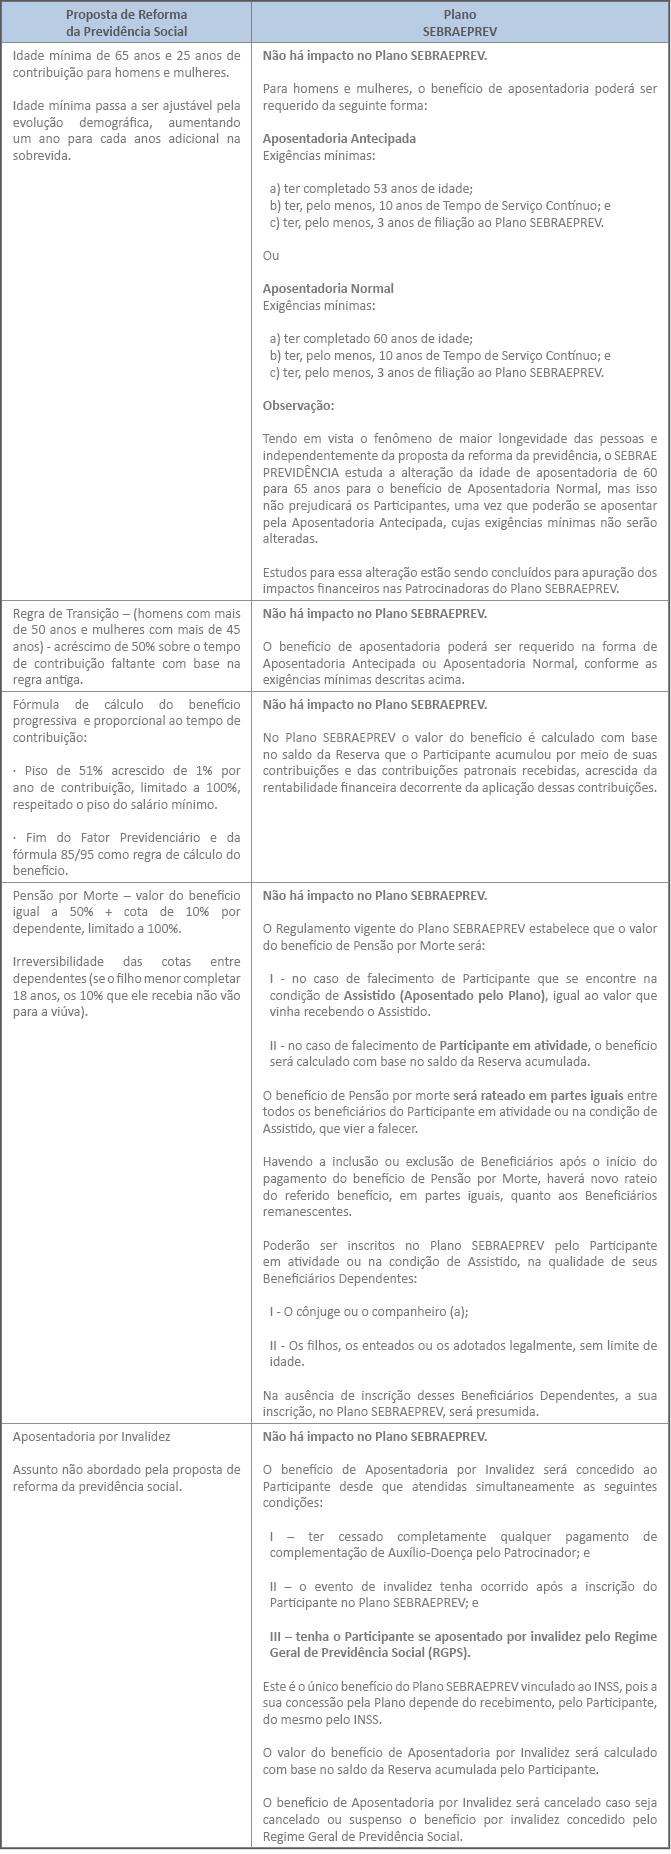 quadro comparativo A reforma da previdência e o Plano SEBRAEPREV